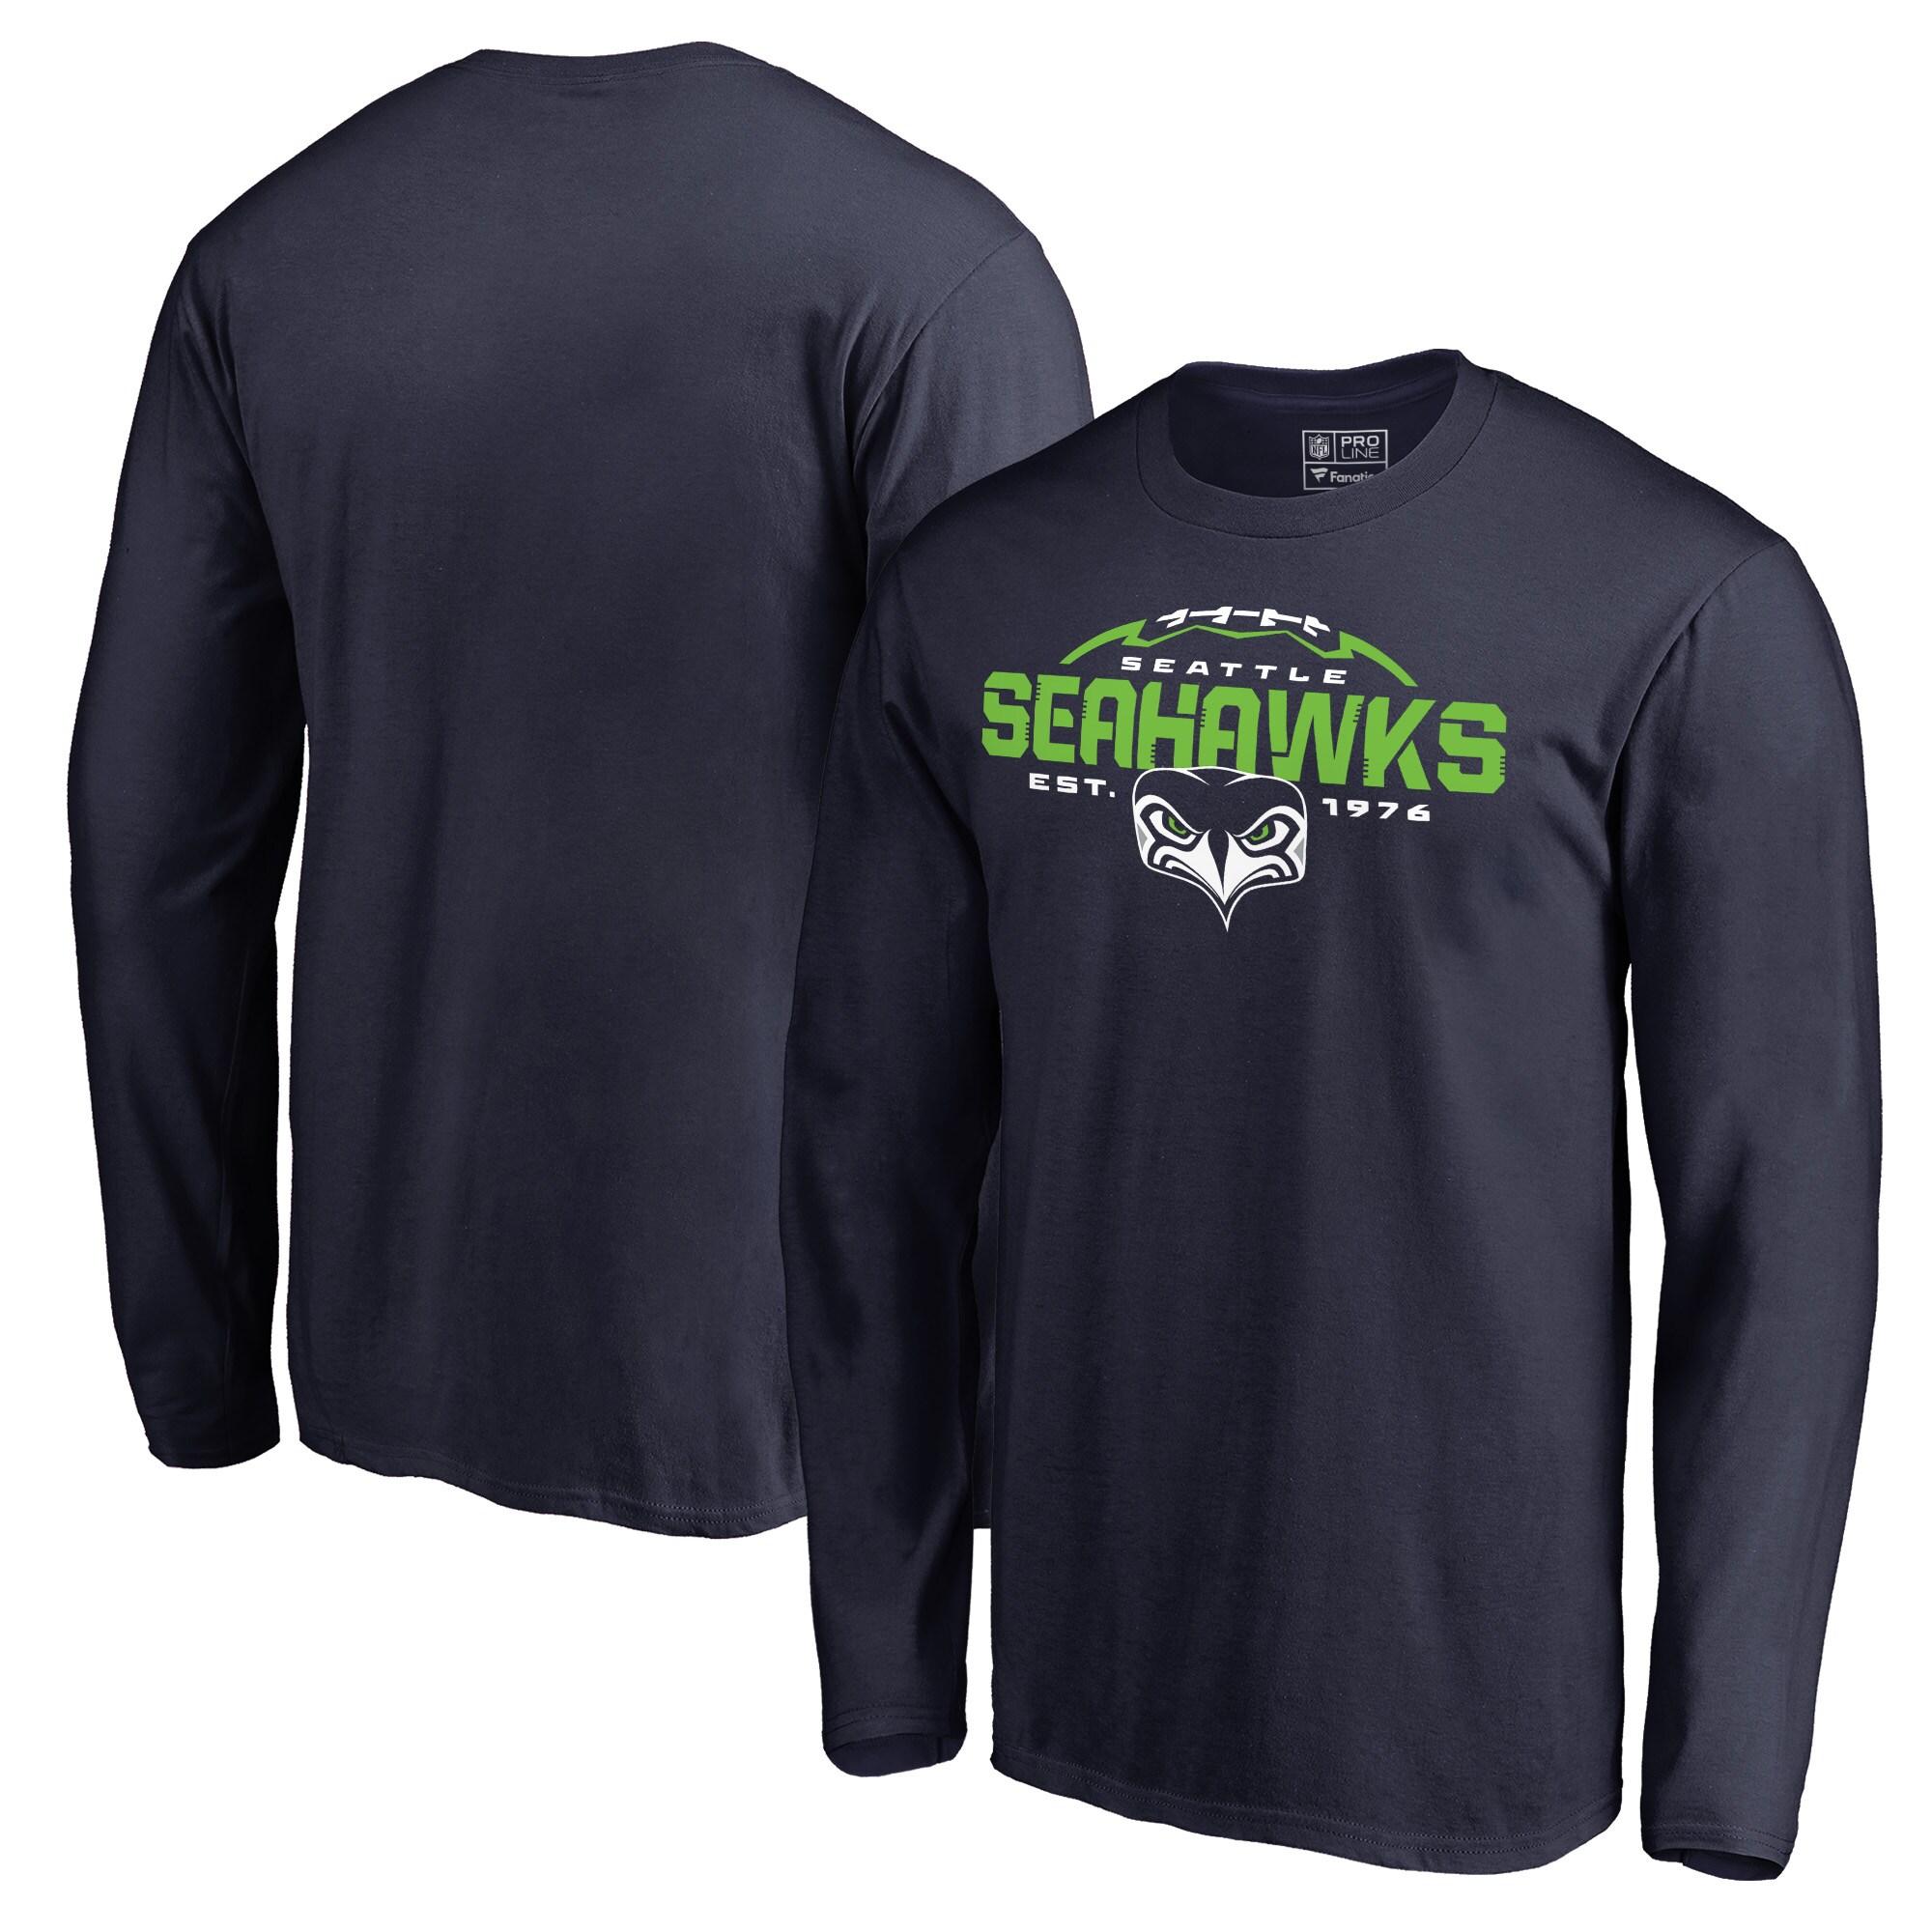 Seattle Seahawks NFL Pro Line by Fanatics Branded Alternate Team Logo Gear Flea Flicker Long Sleeve T-Shirt - College Navy